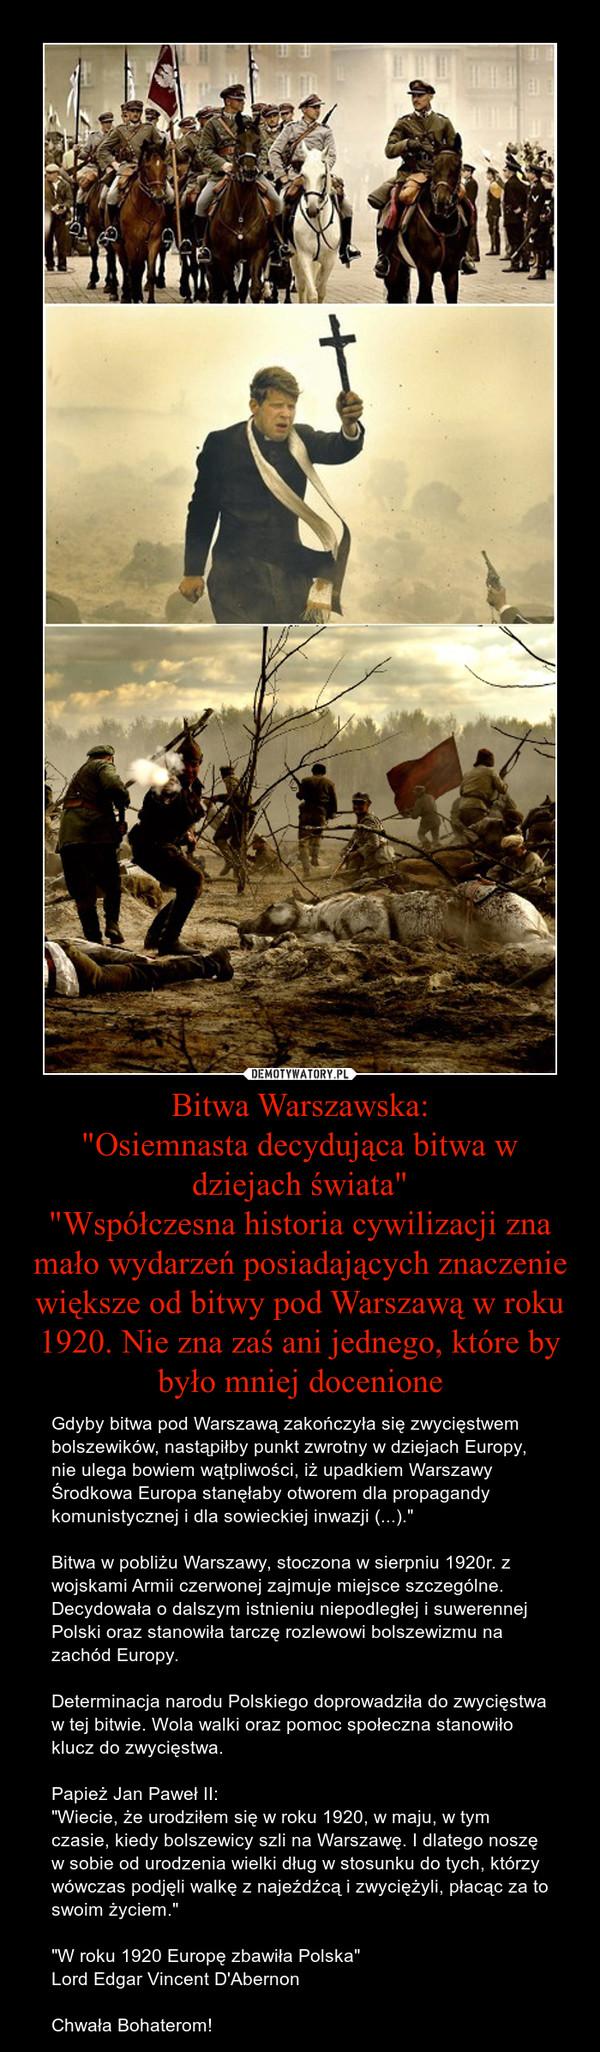 """Bitwa Warszawska:""""Osiemnasta decydująca bitwa w dziejach świata""""""""Współczesna historia cywilizacji zna mało wydarzeń posiadających znaczenie większe od bitwy pod Warszawą w roku 1920. Nie zna zaś ani jednego, które by było mniej docenione – Gdyby bitwa pod Warszawą zakończyła się zwycięstwem bolszewików, nastąpiłby punkt zwrotny w dziejach Europy, nie ulega bowiem wątpliwości, iż upadkiem Warszawy Środkowa Europa stanęłaby otworem dla propagandy komunistycznej i dla sowieckiej inwazji (...).""""Bitwa w pobliżu Warszawy, stoczona w sierpniu 1920r. z wojskami Armii czerwonej zajmuje miejsce szczególne. Decydowała o dalszym istnieniu niepodległej i suwerennej Polski oraz stanowiła tarczę rozlewowi bolszewizmu na zachód Europy.Determinacja narodu Polskiego doprowadziła do zwycięstwa w tej bitwie. Wola walki oraz pomoc społeczna stanowiło klucz do zwycięstwa.Papież Jan Paweł II:""""Wiecie, że urodziłem się w roku 1920, w maju, w tym czasie, kiedy bolszewicy szli na Warszawę. I dlatego noszę w sobie od urodzenia wielki dług w stosunku do tych, którzy wówczas podjęli walkę z najeźdźcą i zwyciężyli, płacąc za to swoim życiem.""""""""W roku 1920 Europę zbawiła Polska""""Lord Edgar Vincent D'AbernonChwała Bohaterom!"""